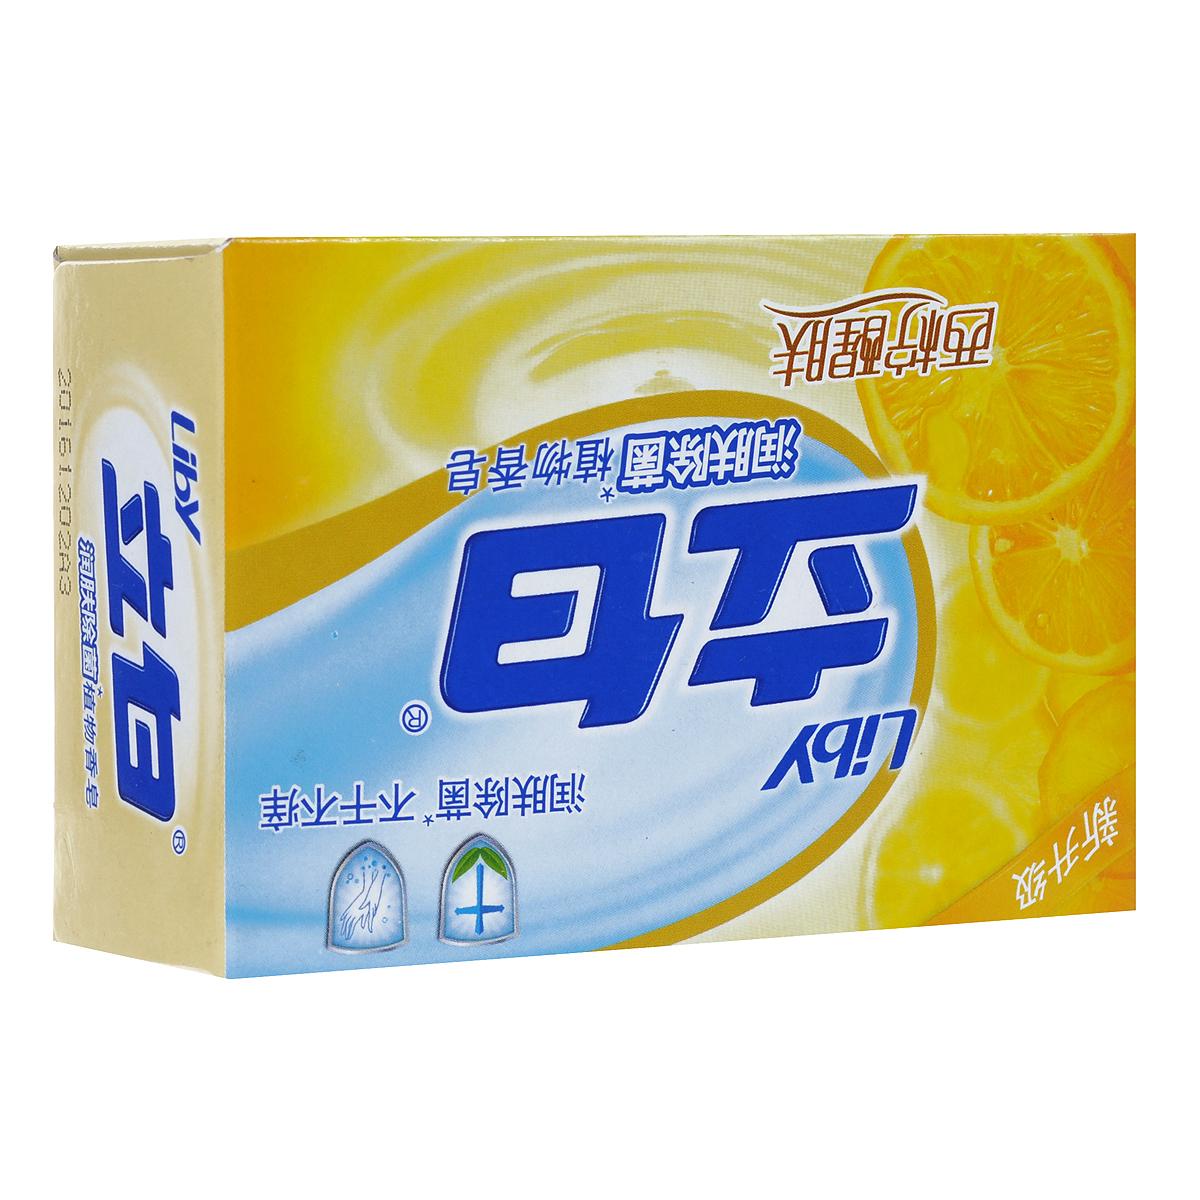 Мыло туалетное Liby Лимон, антибактериальное, 100 гMP59.4DТуалетное мыло Liby Лимон с натуральными экстрактами растений и фруктов отлично смягчает кожу. Мыло гладкое и нежное на ощупь. Обладает приятным запахом, в воде образует обильную пену, не подвержено раскисанию в воде. Подходит для мытья рук и тела. Обладает антибактериальным эффектом: в сочетании с особыми активными компонентами (глицериды, метимазол) применение мыла позволит эффективно избавиться от наиболее распространенных бактерий.